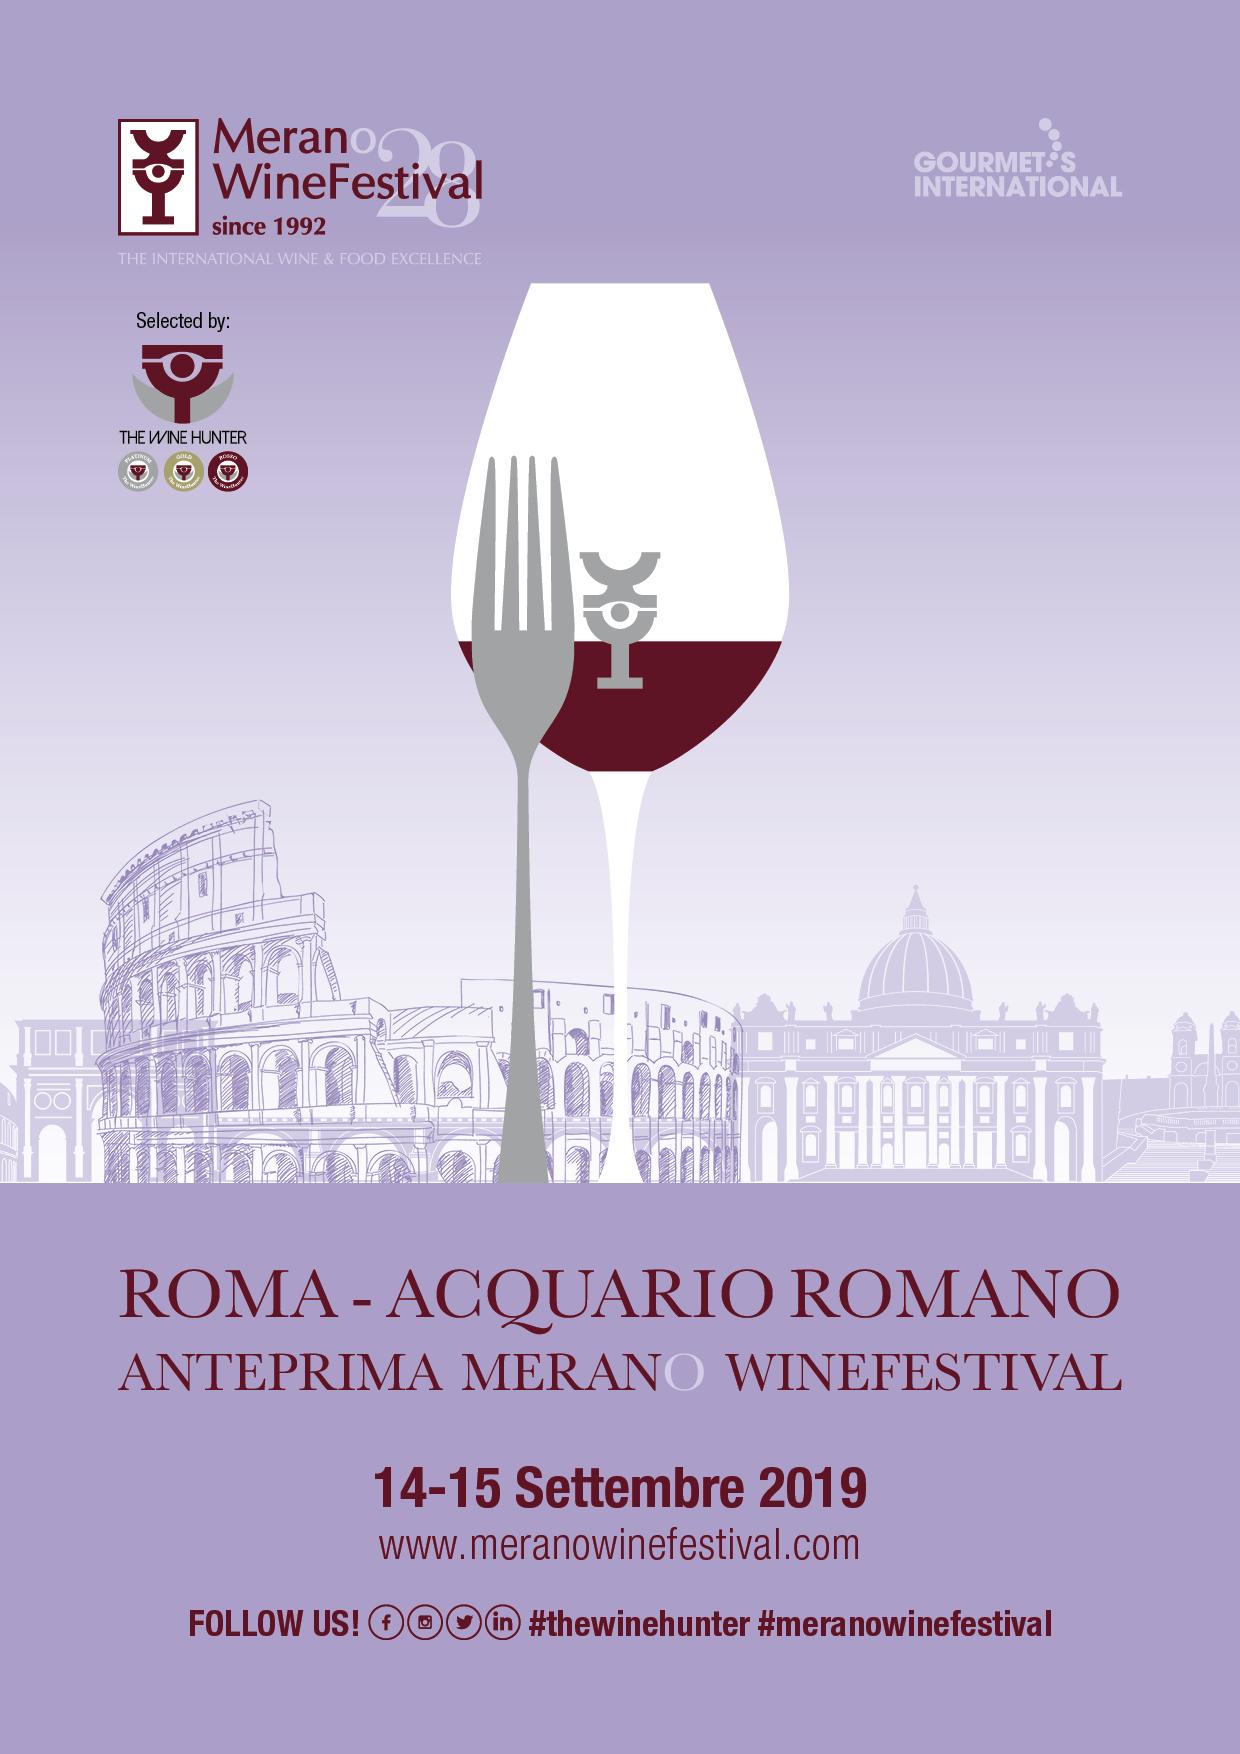 Merano WineFestival 2019, l'anteprima nazionale a Roma: il programma